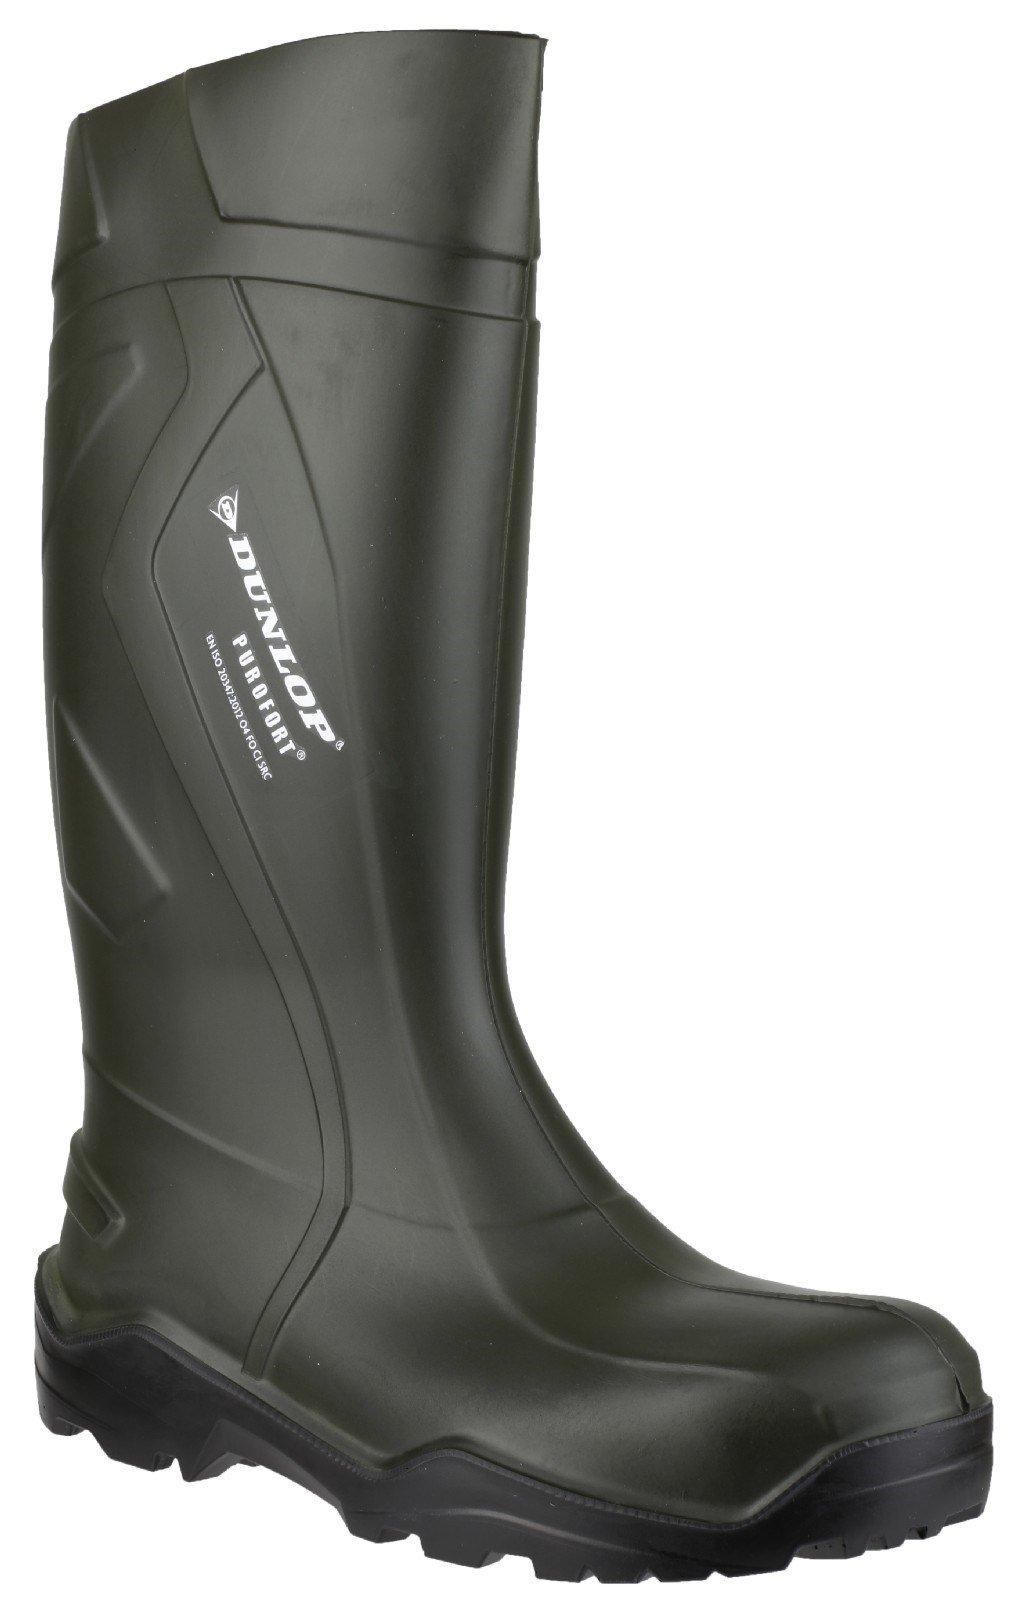 Dunlop Men's Purofort+ Wellington Boot Green 20225 - Green 6